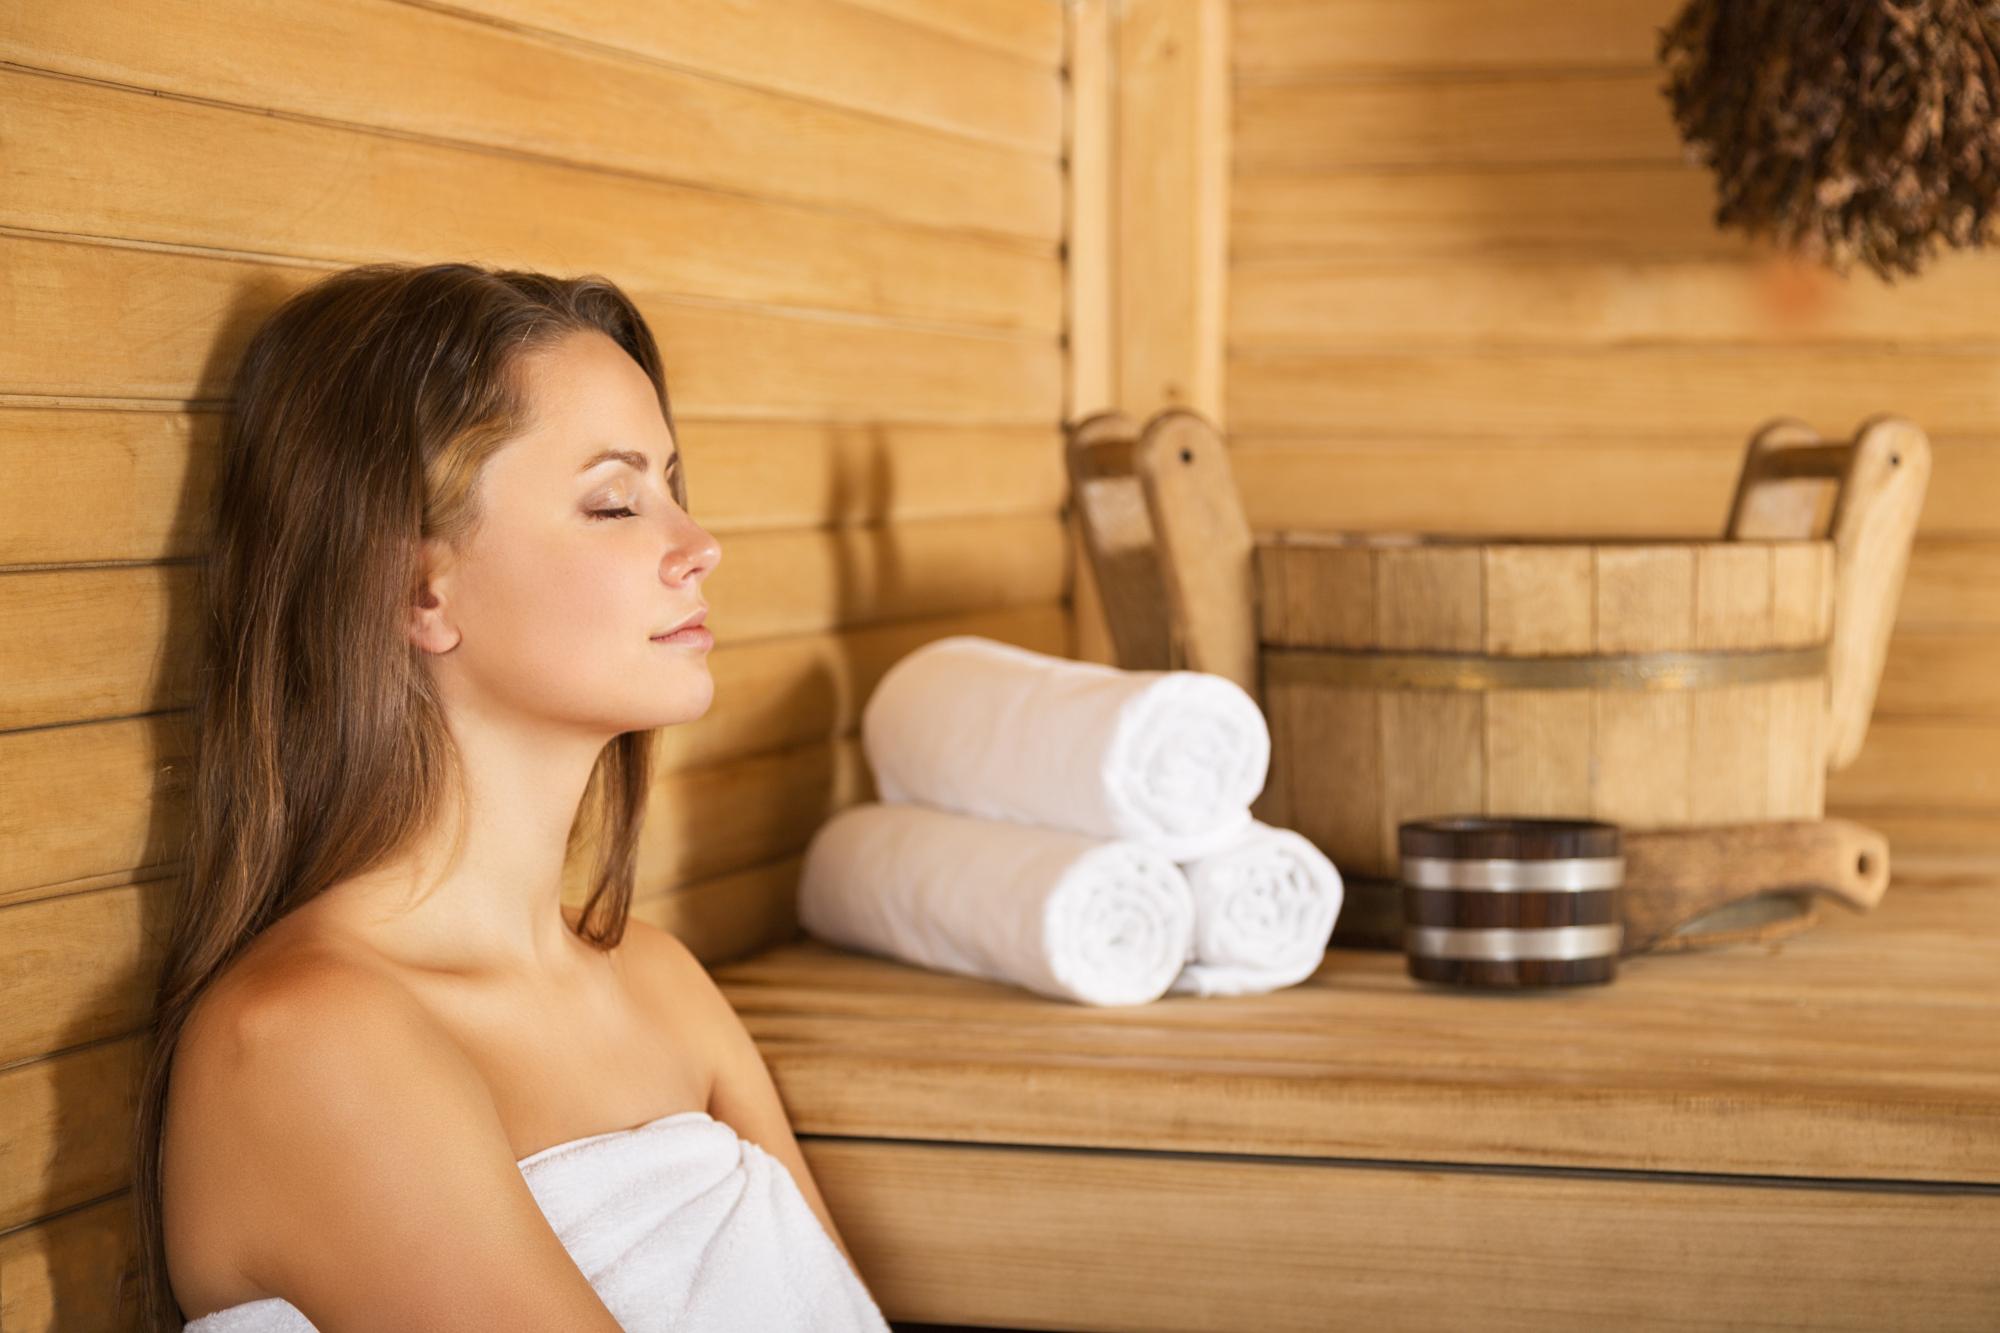 gartenhaus-mit-sauna-frau-in-der-sauna